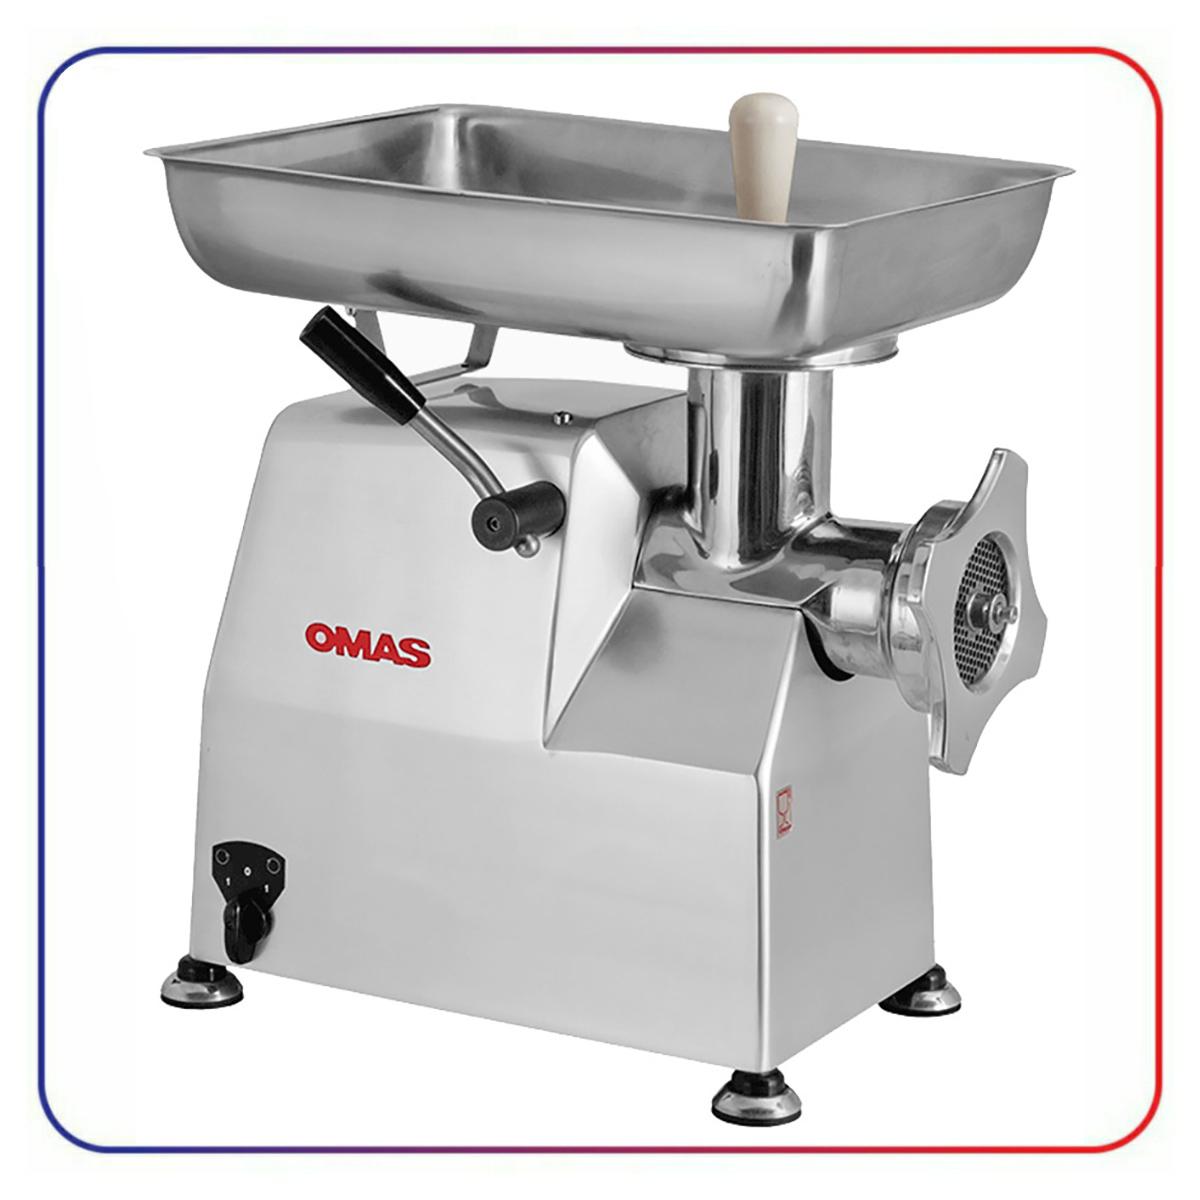 چرخ گوشت اوماس 32 مدل OMAS TS 32E